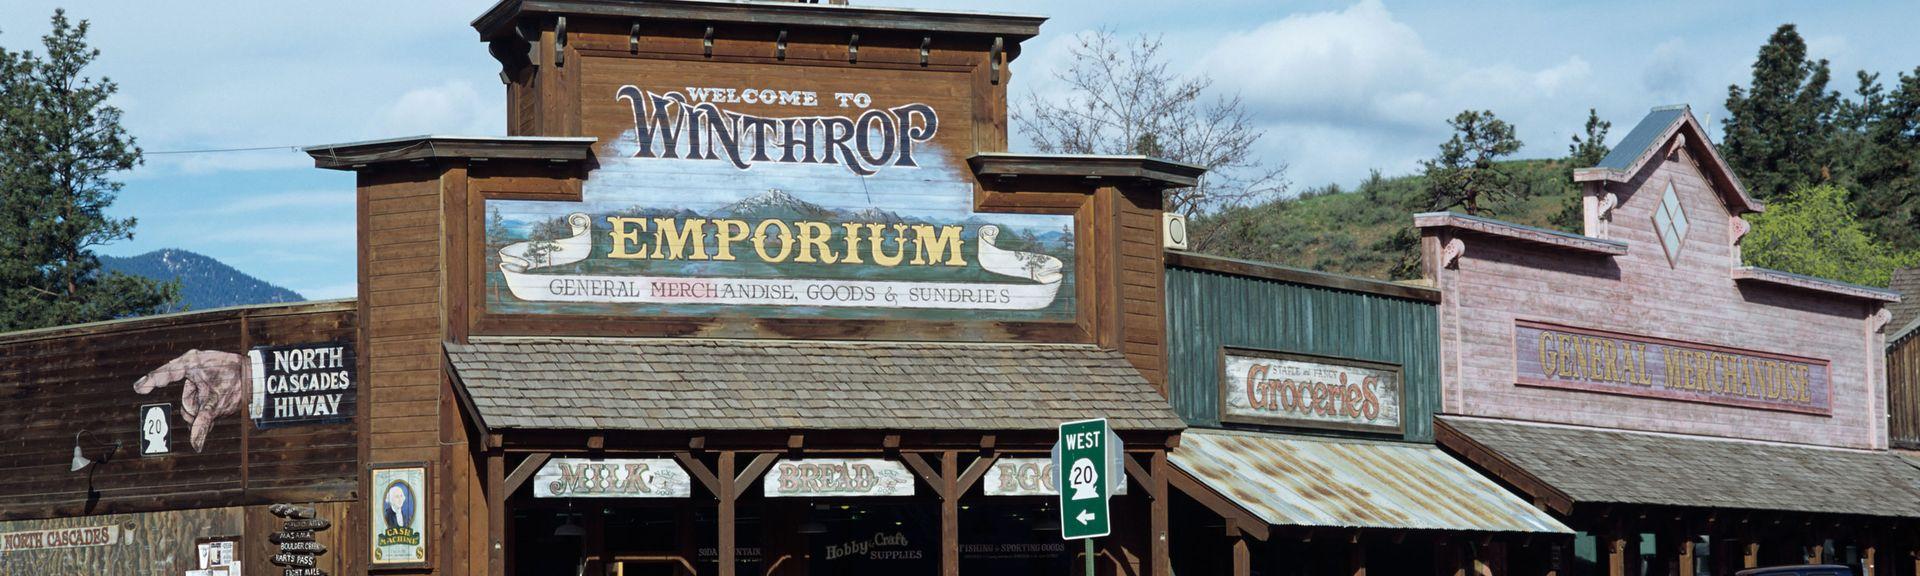 Winthrop, Washington, United States